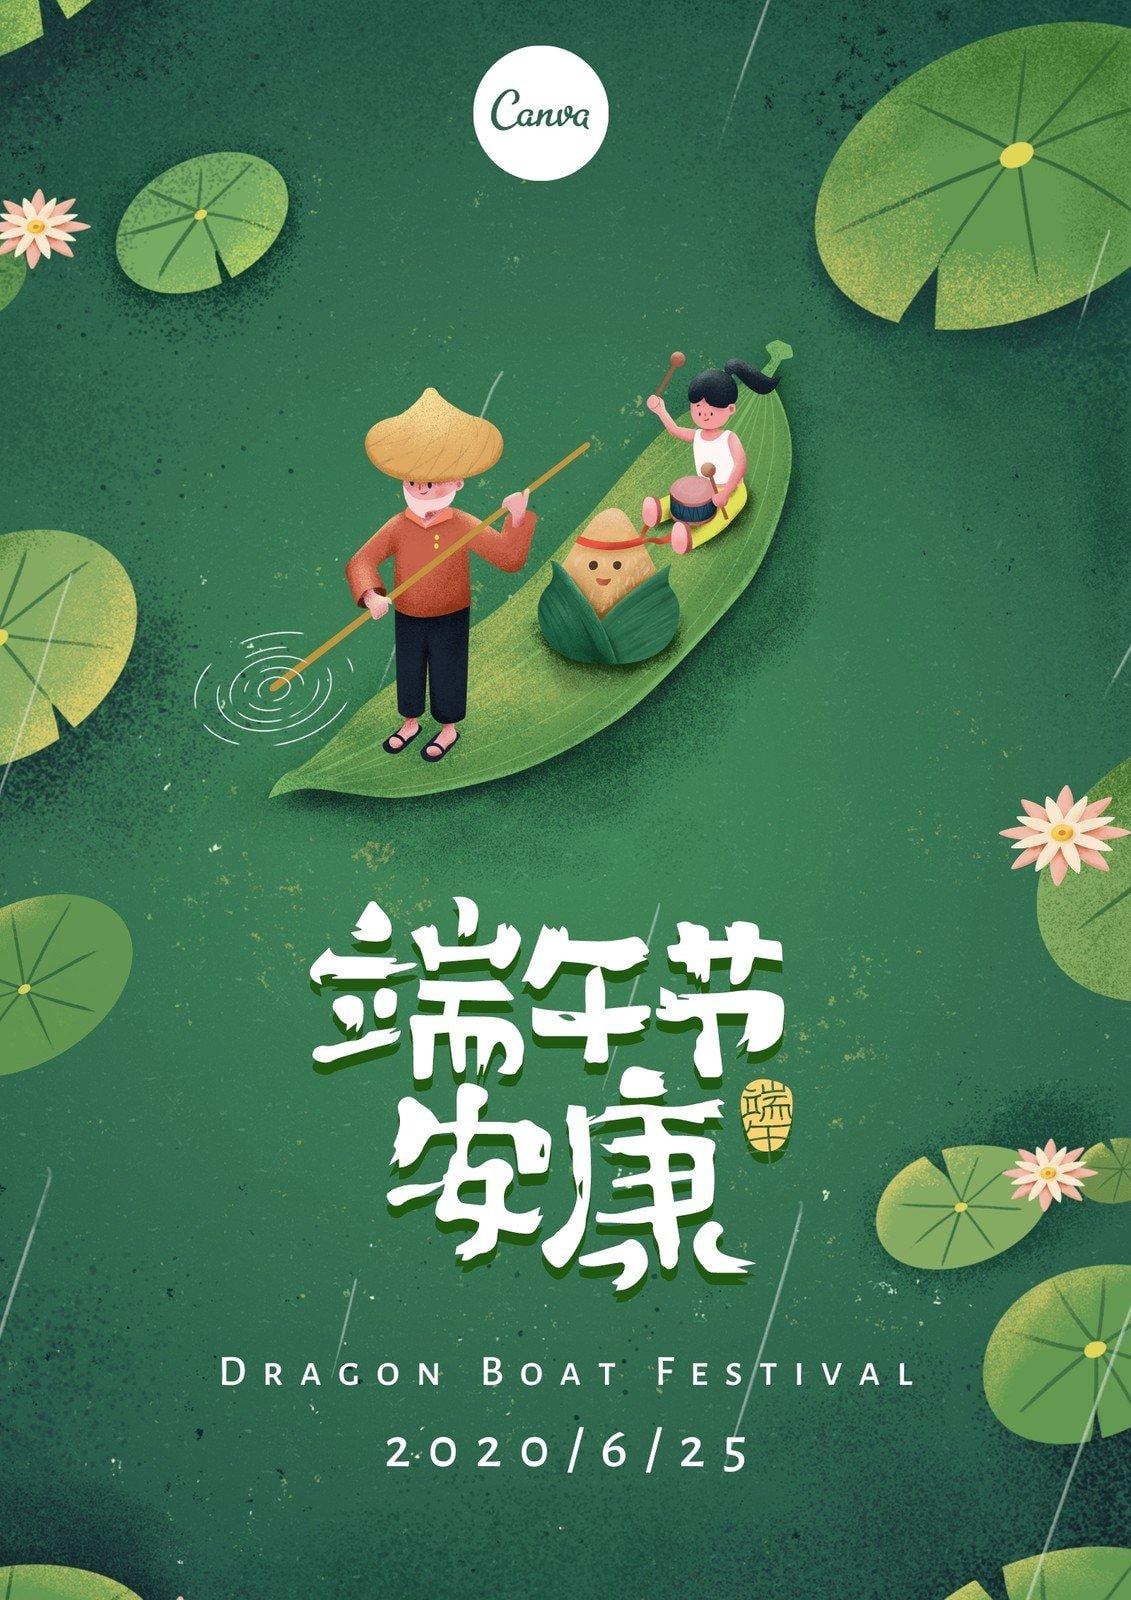 绿白色粽叶龙舟可爱人物手绘端午节节日宣传中文海报